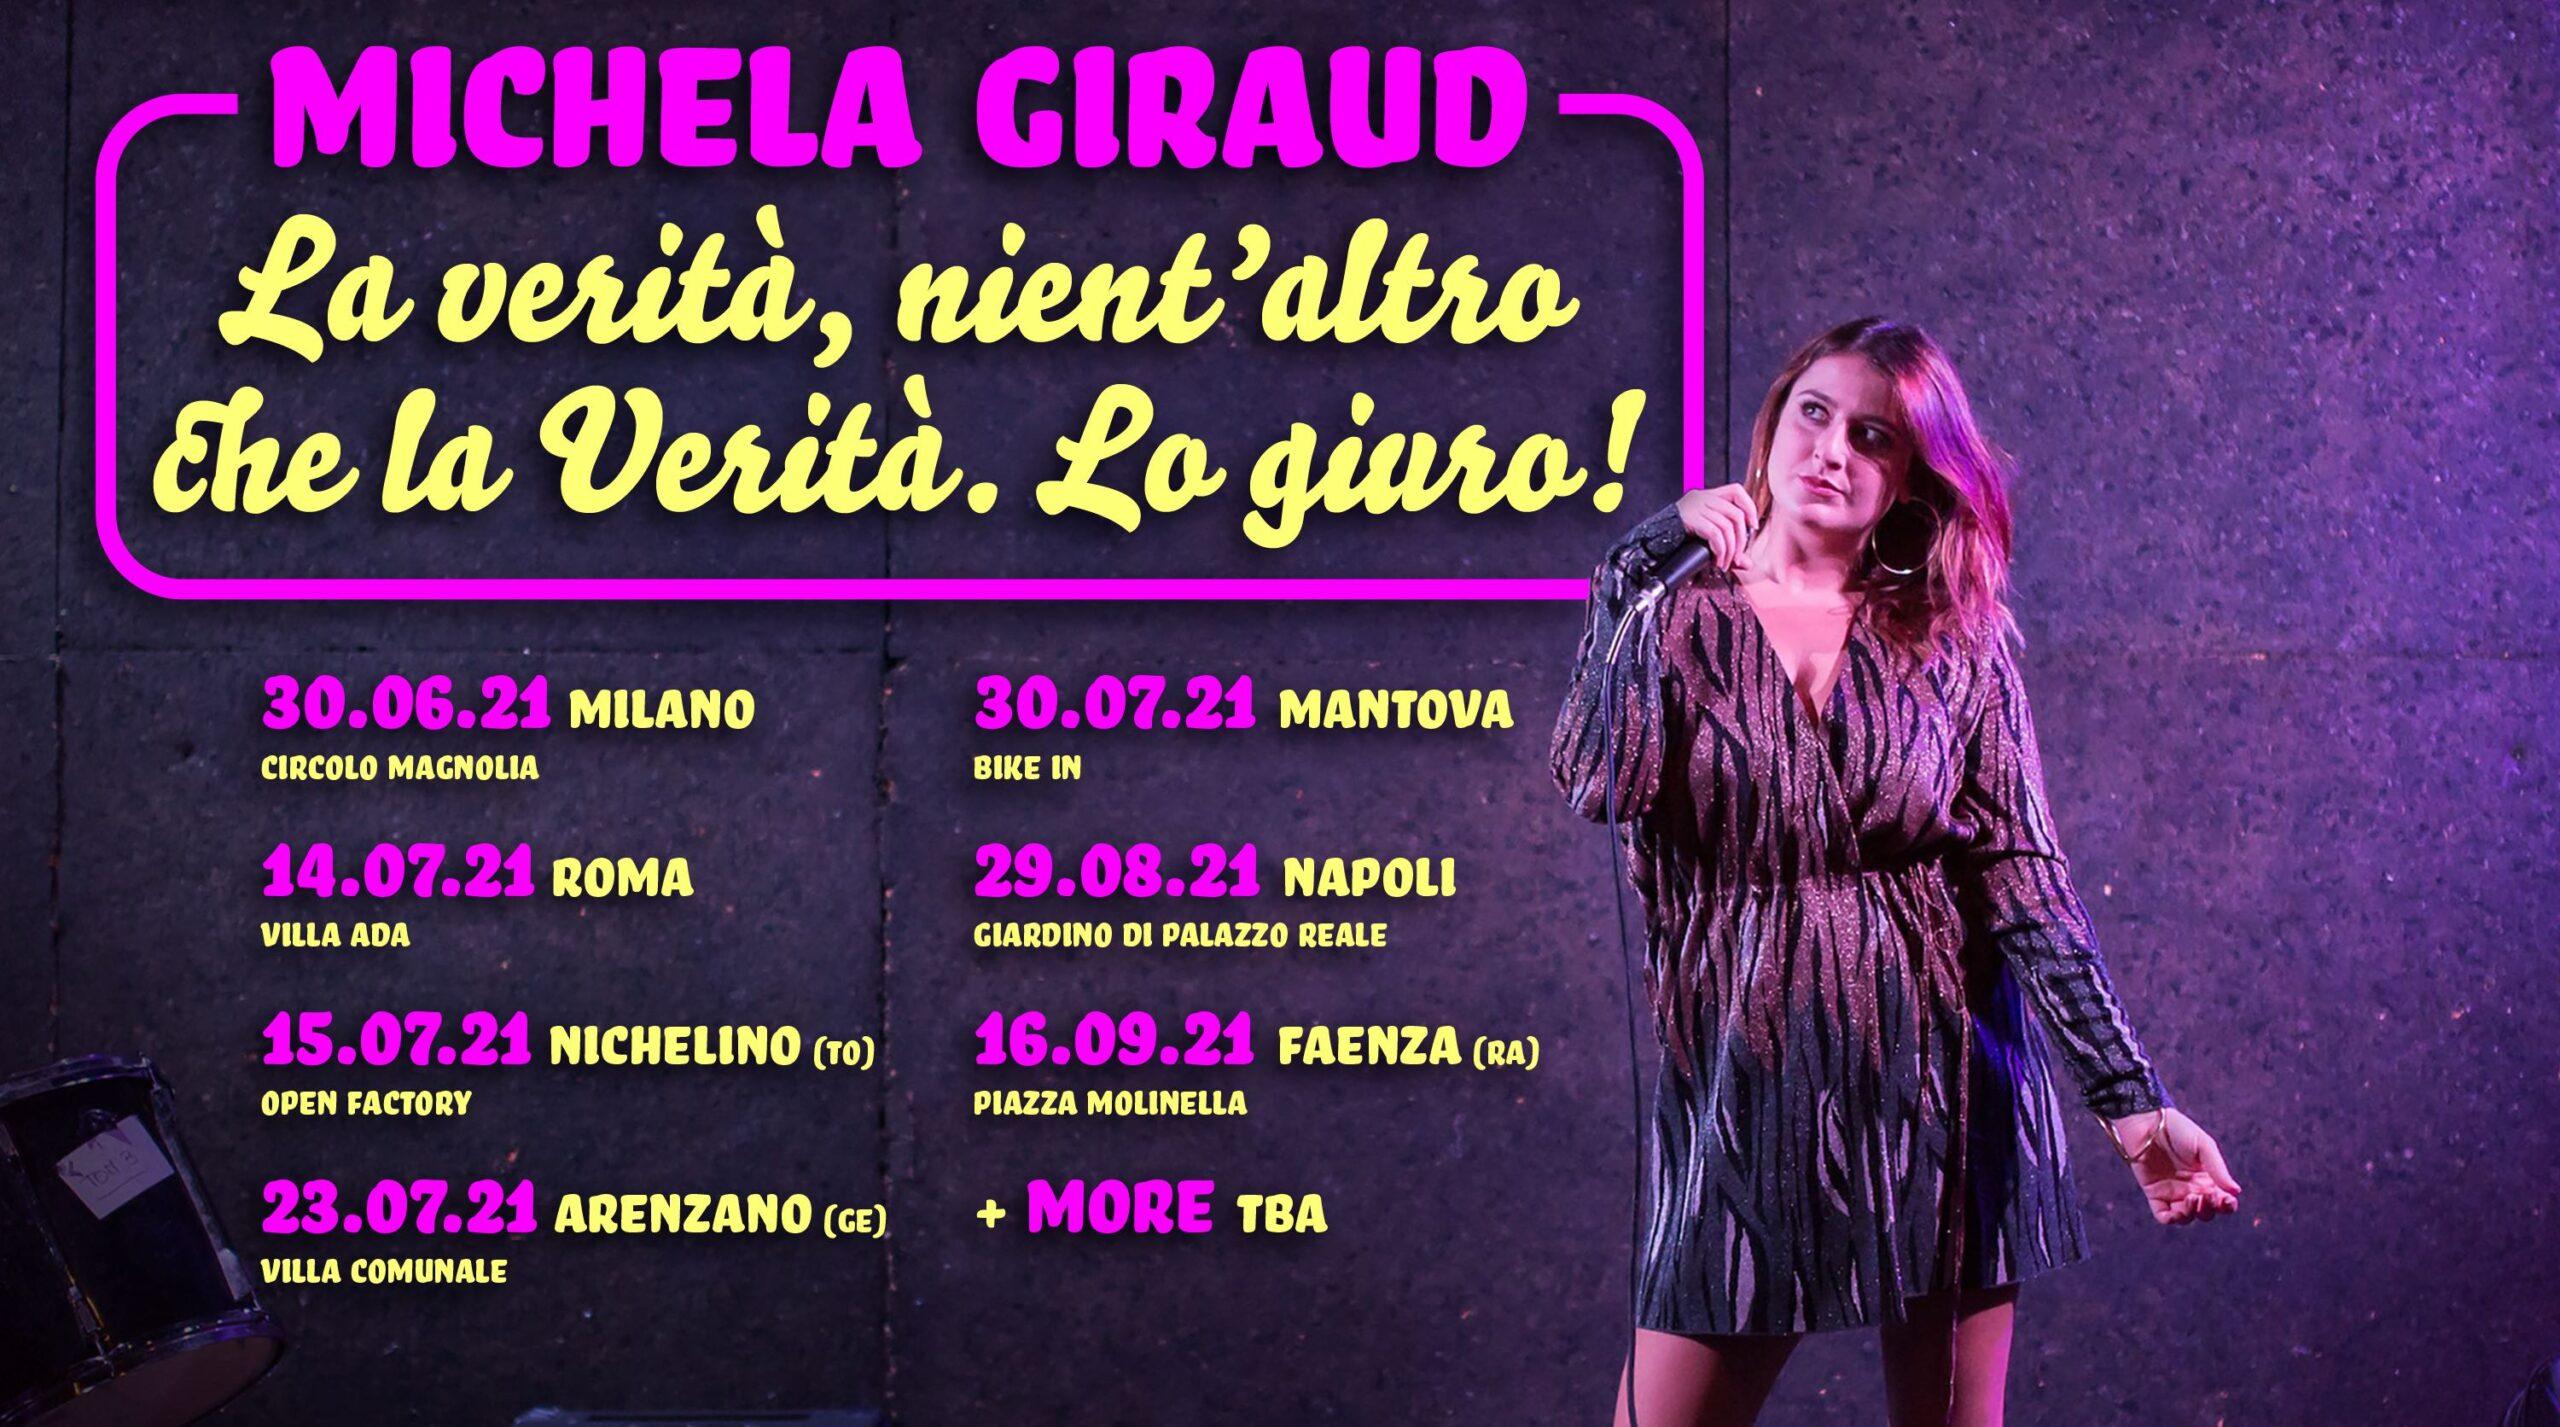 """Michela Giraud: annunciate le date dello spettacolo """"La Verità, nient'altro che la verità lo giuro!"""""""